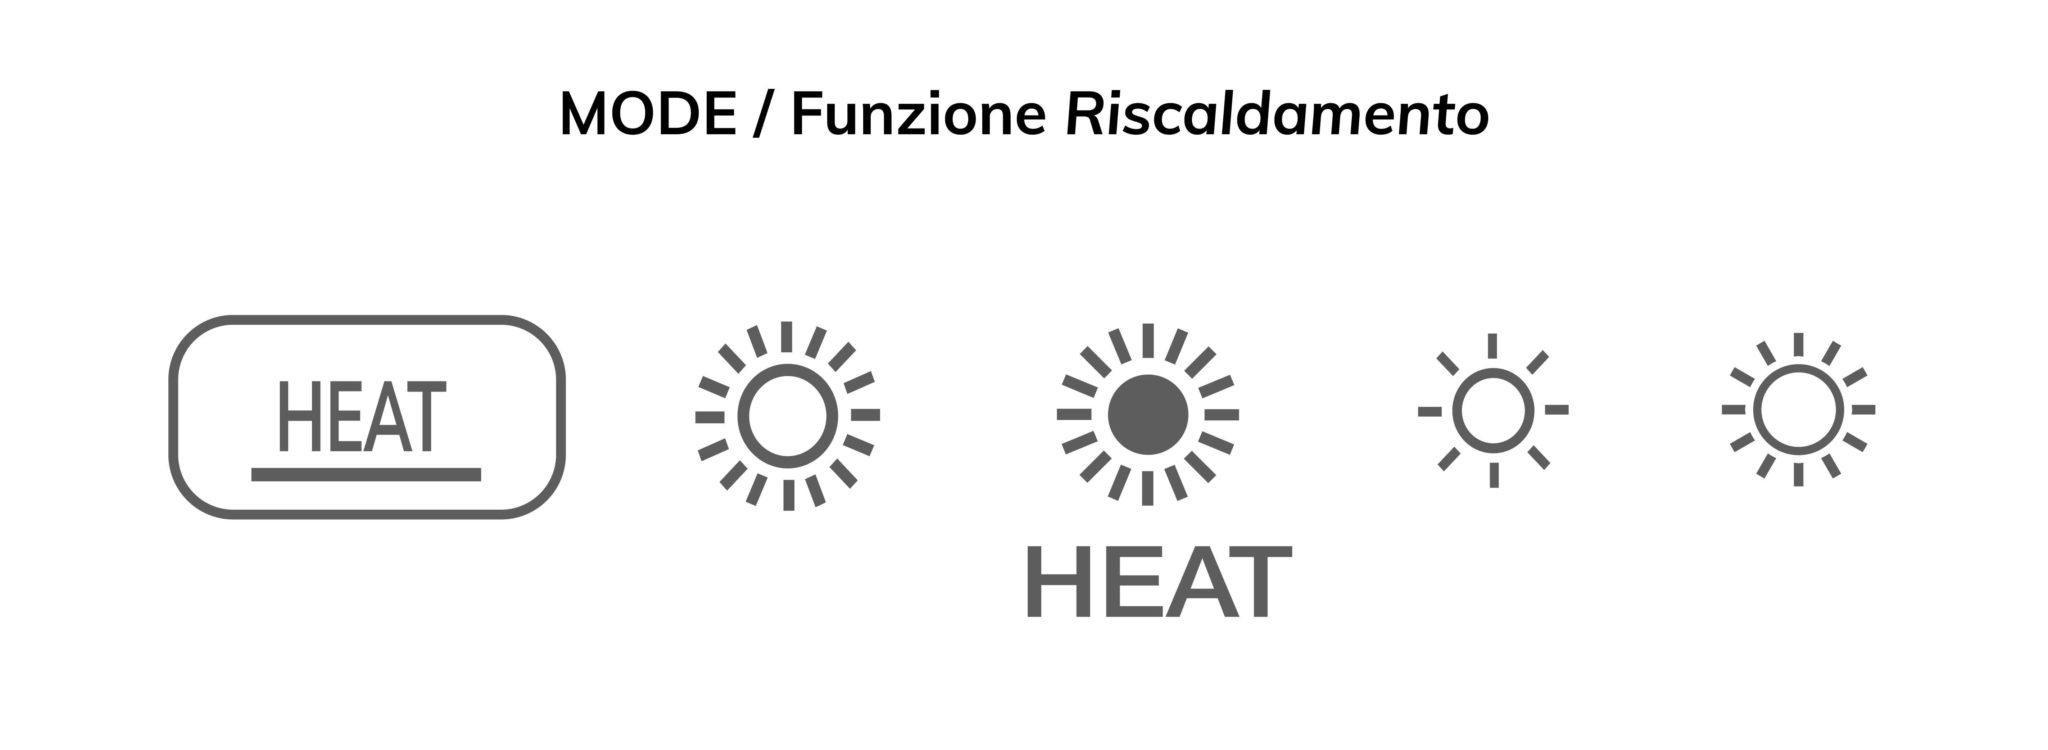 Temperatura Condizionatore Inverno Consigli E Indicazioni